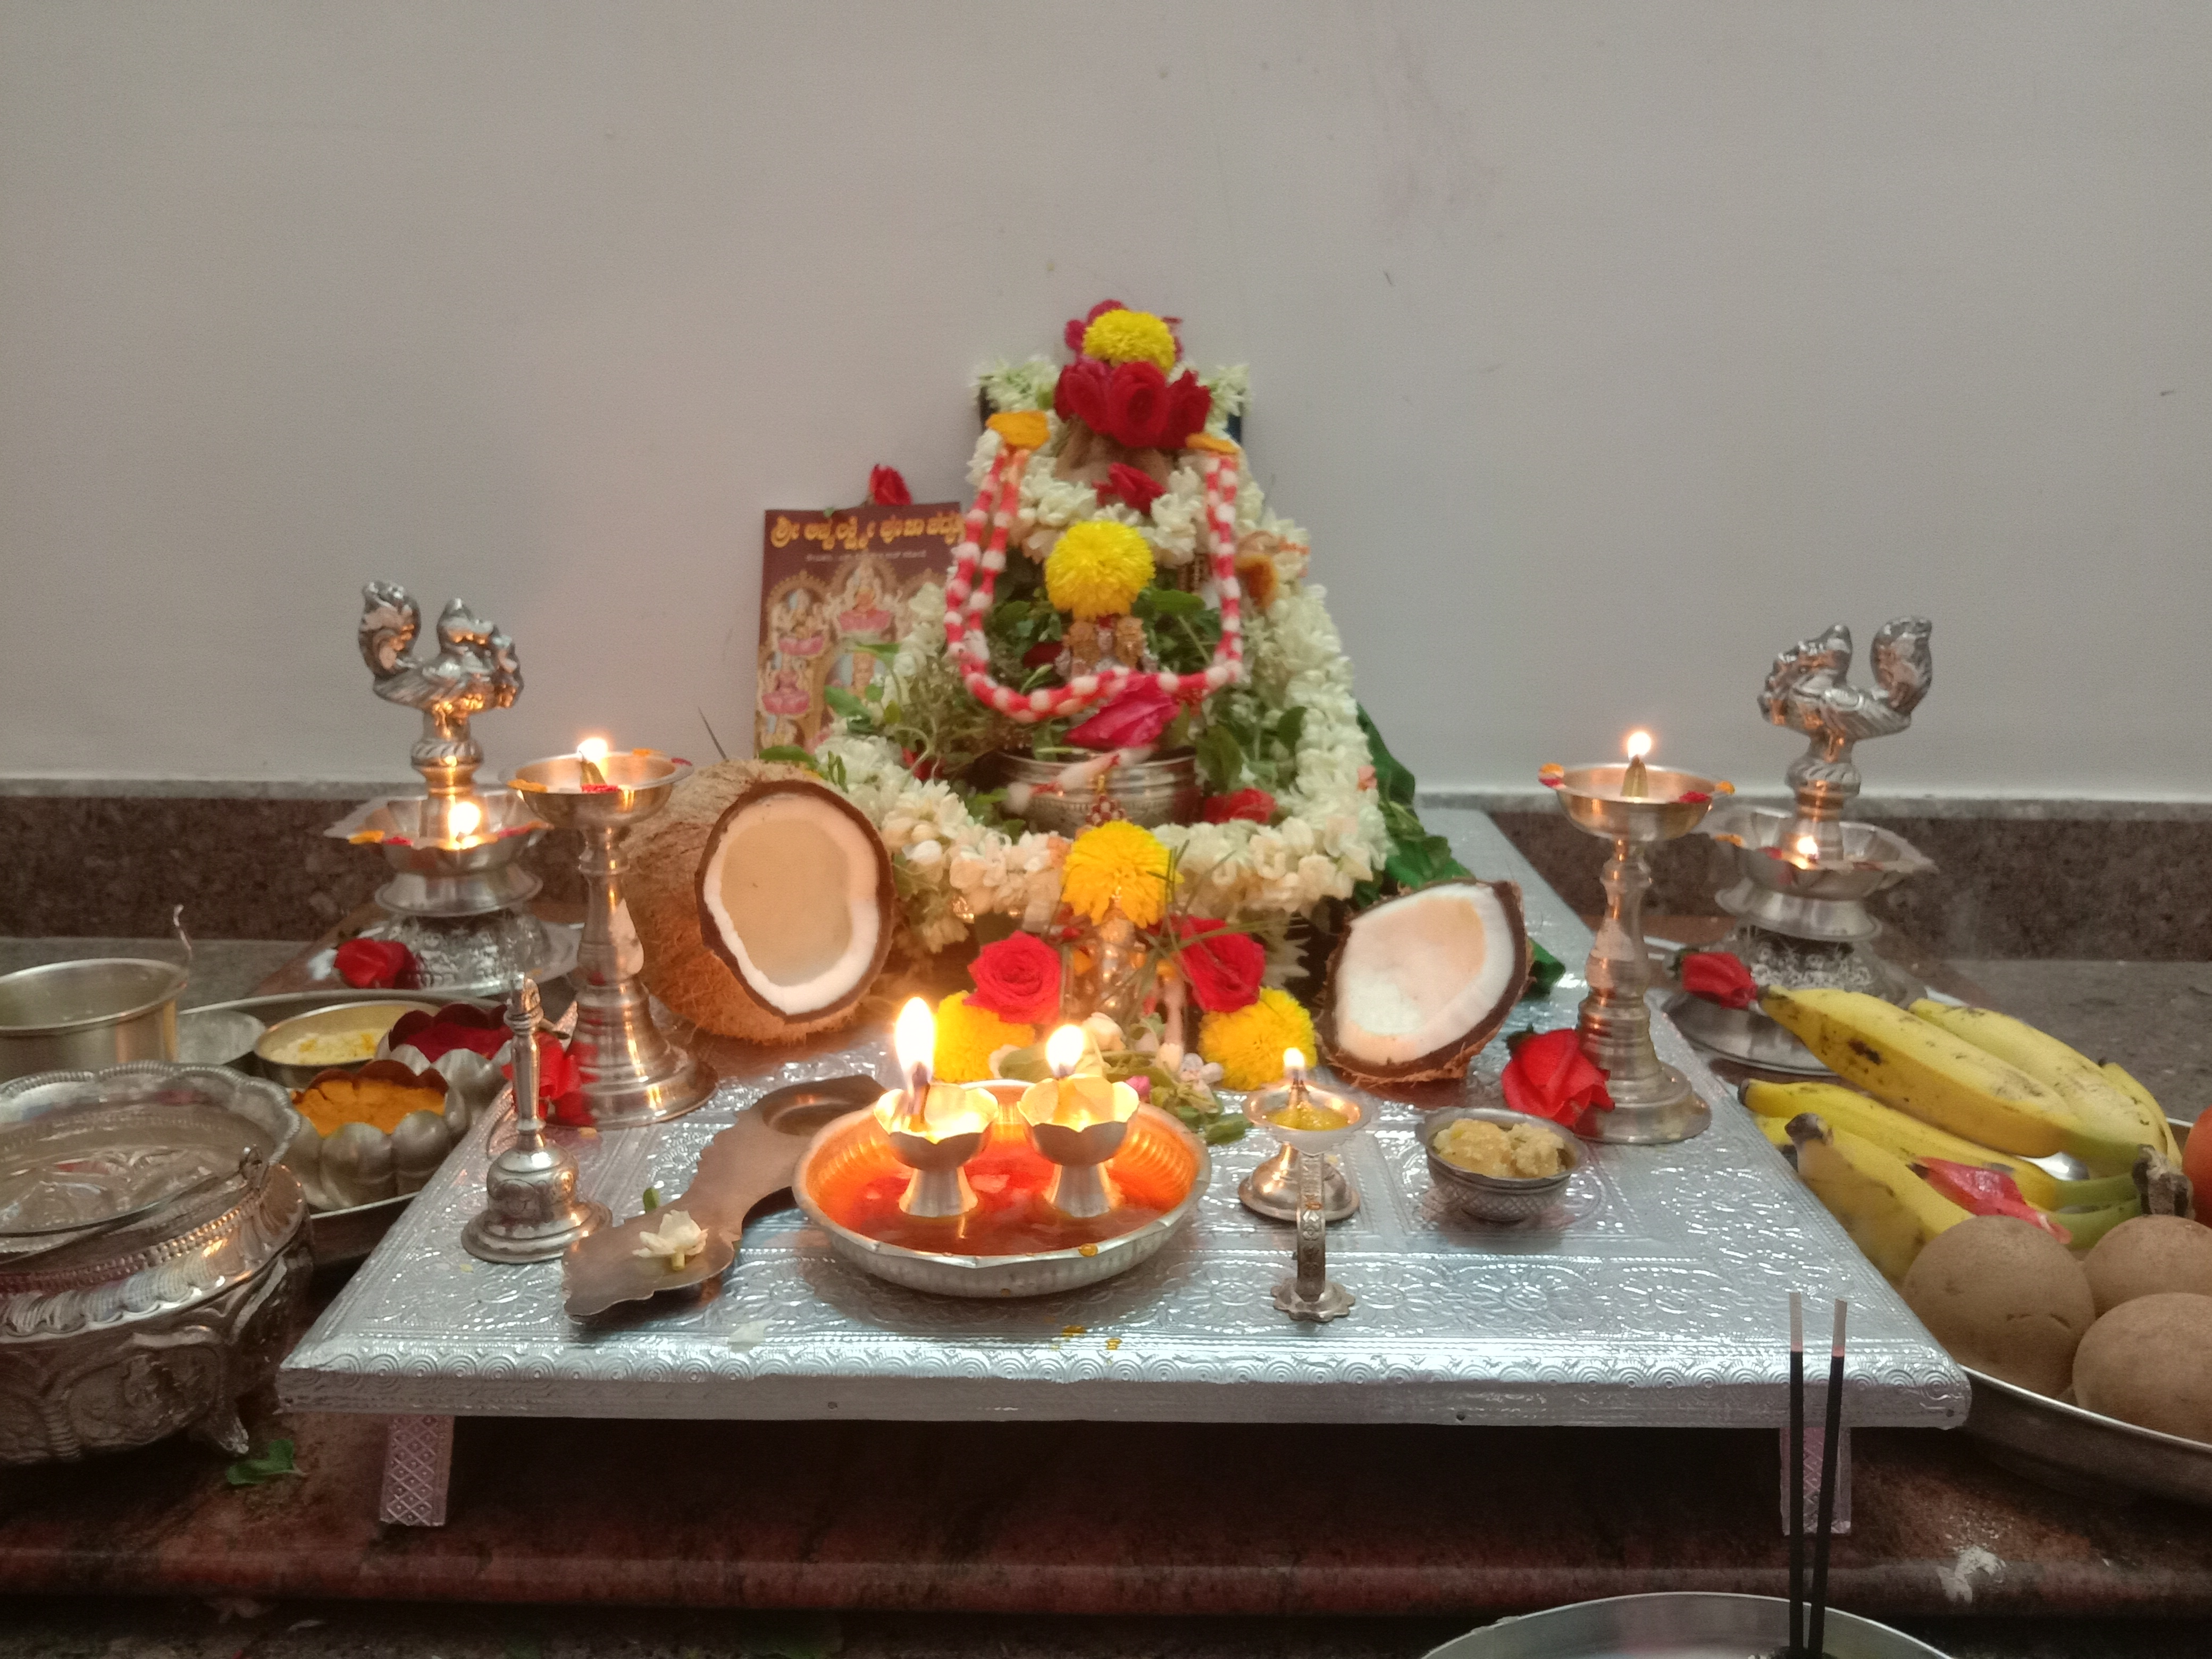 Santhana Lakshmi Pooja Vidhana